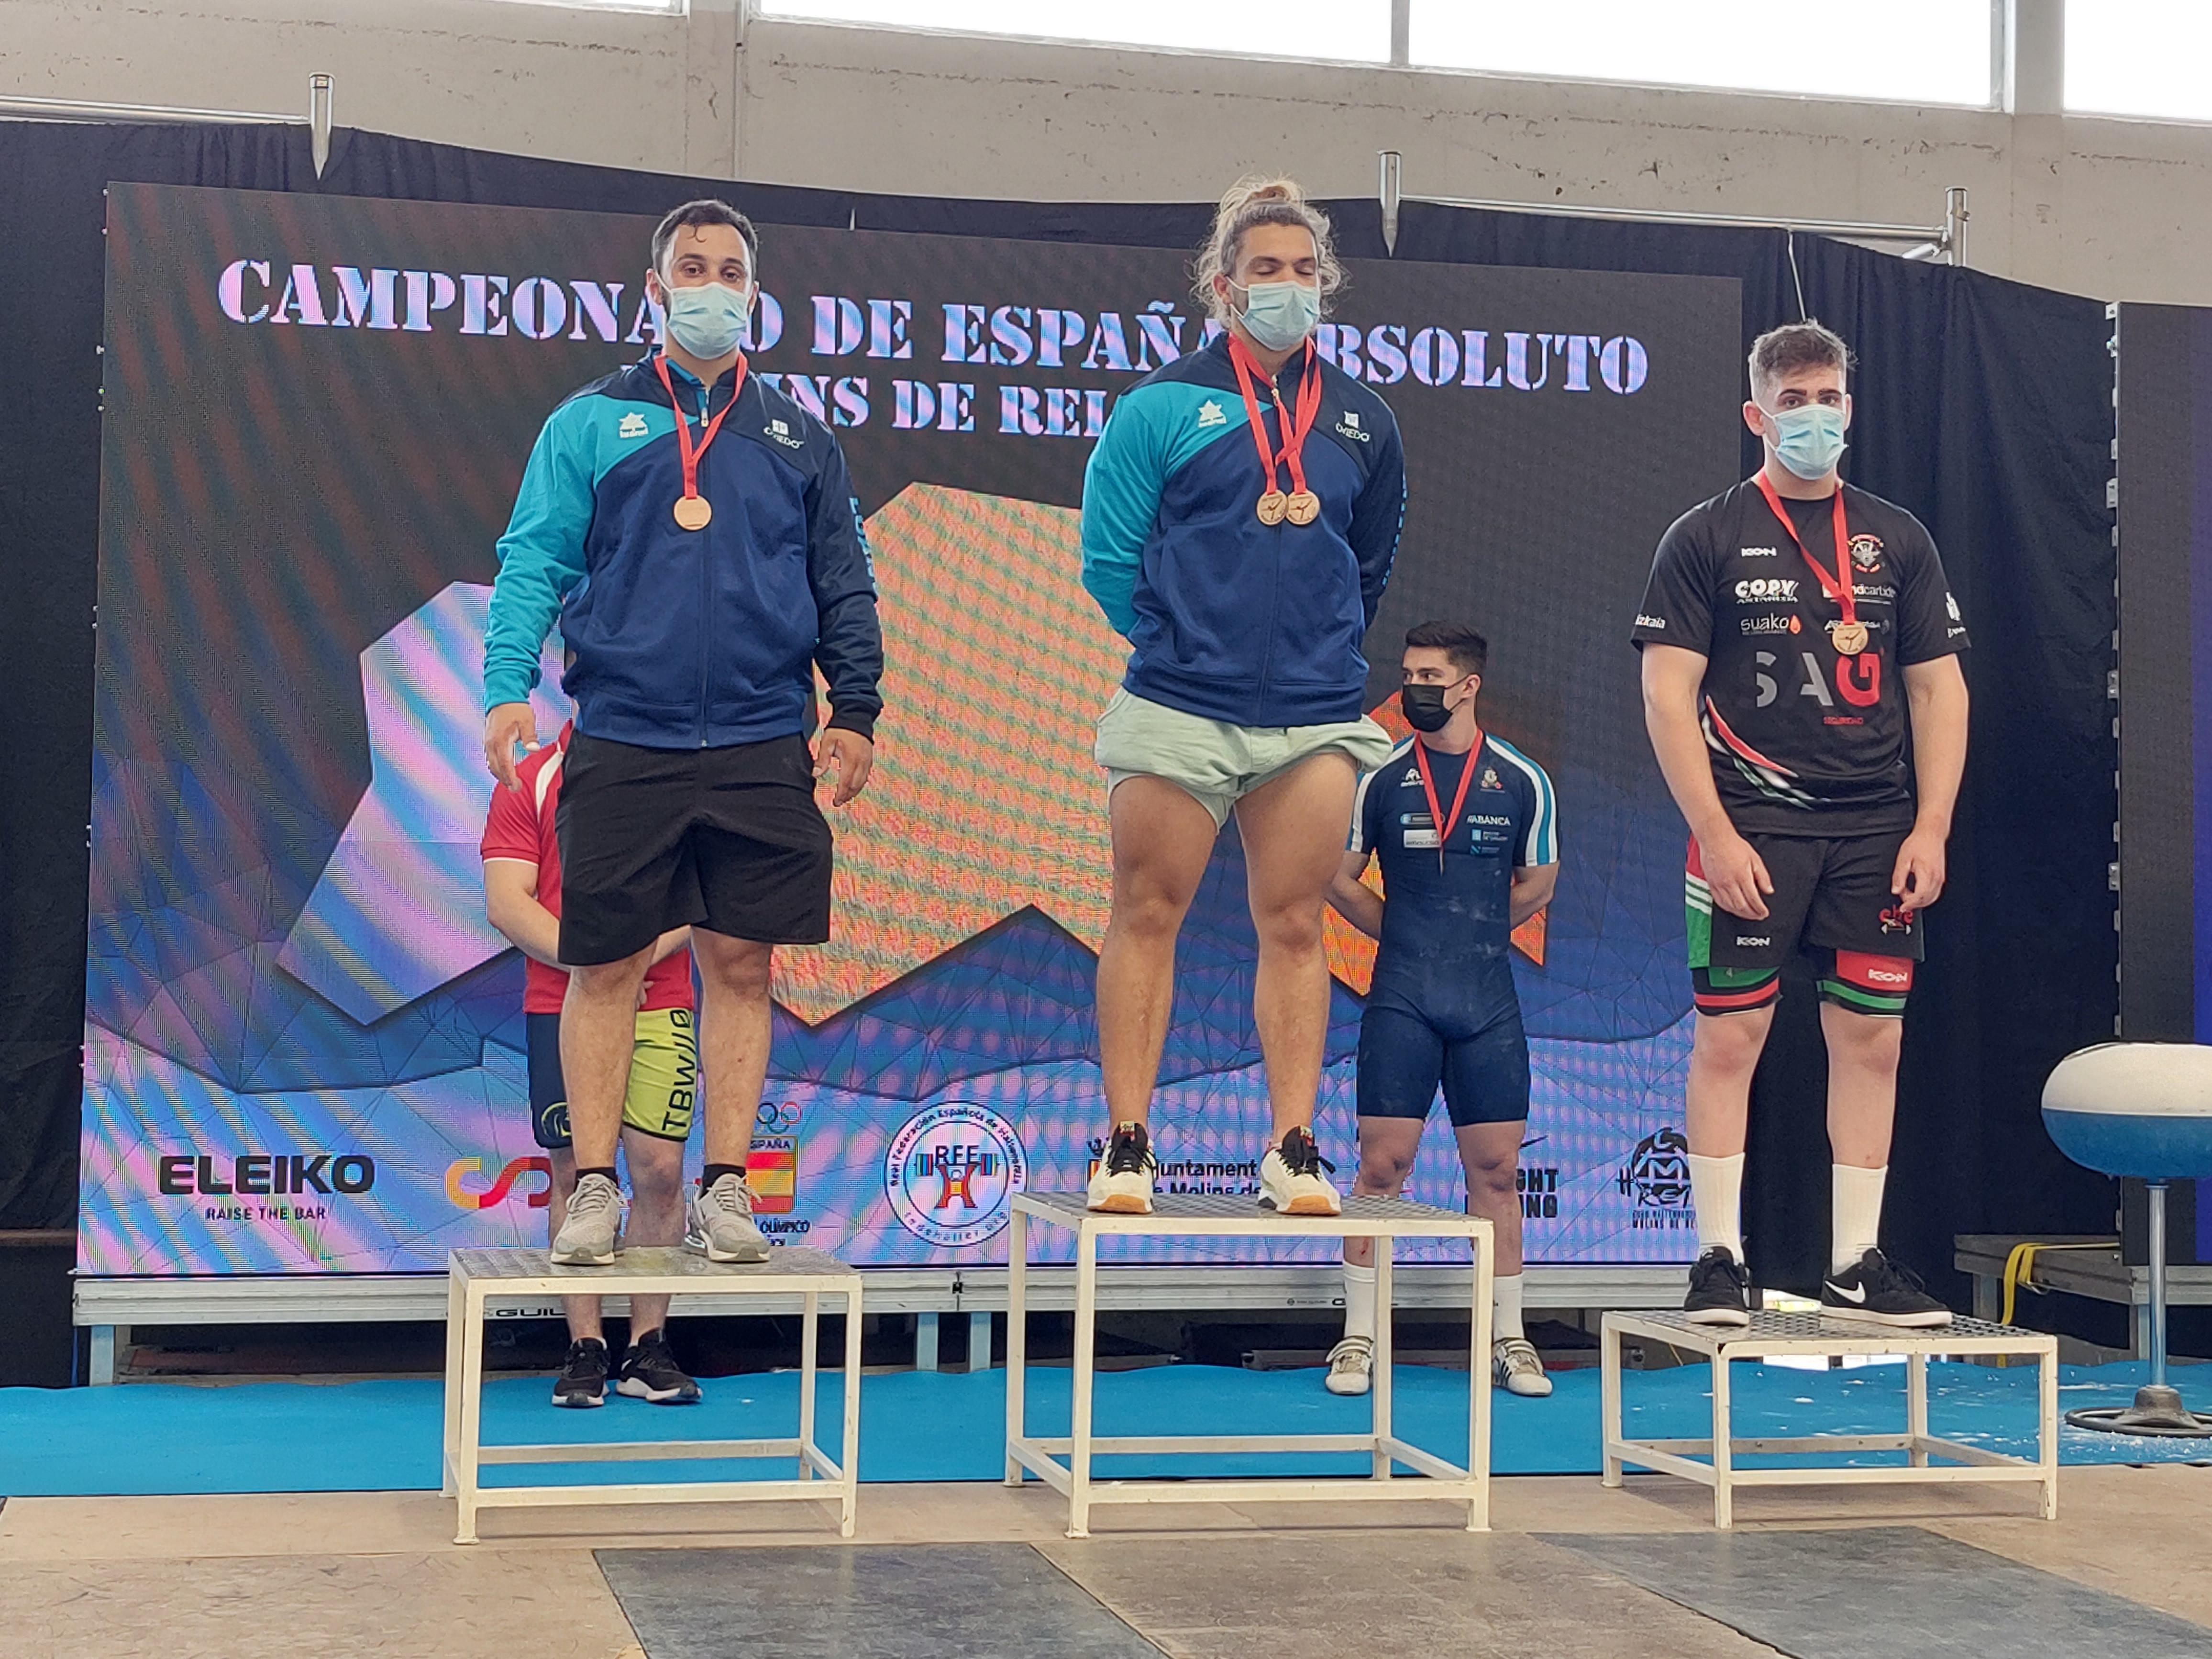 Bruno Soto nuevo récord de España